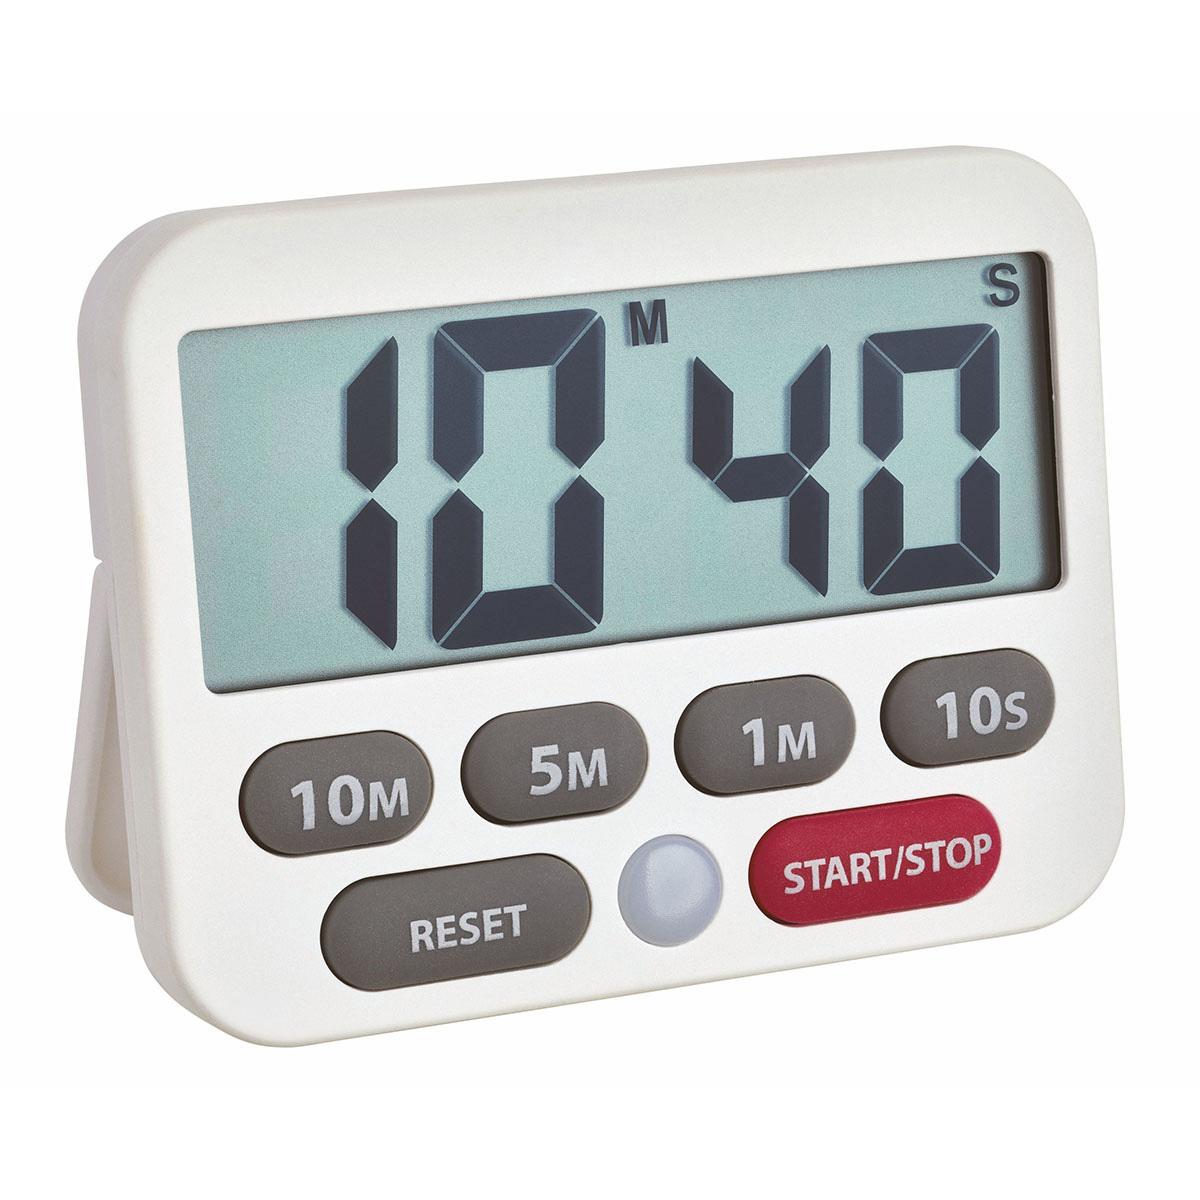 38-2038-02-digitaler-timer-stoppuhr-1200x1200px.jpg